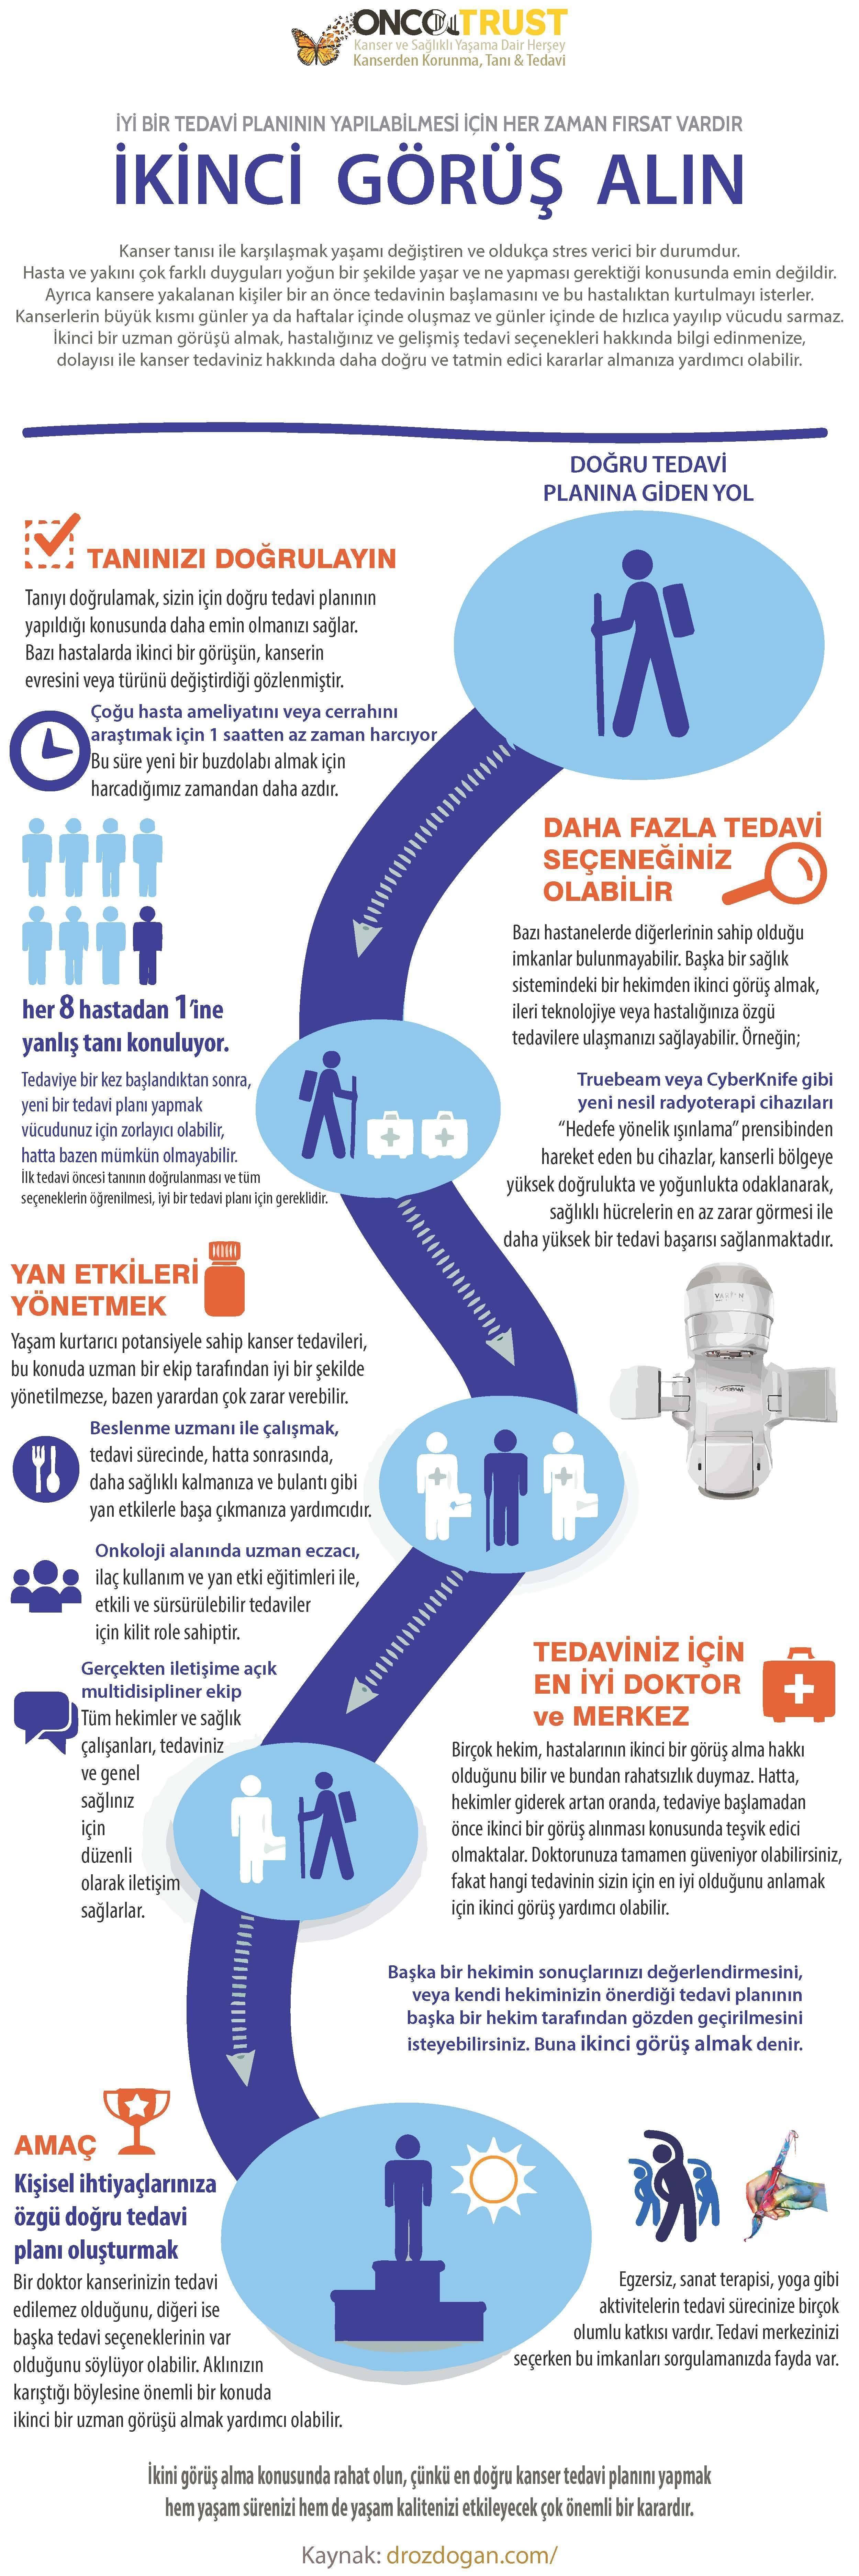 ikinci görüş kanser tedavisi oncotrust mustafa özdoğan infografik